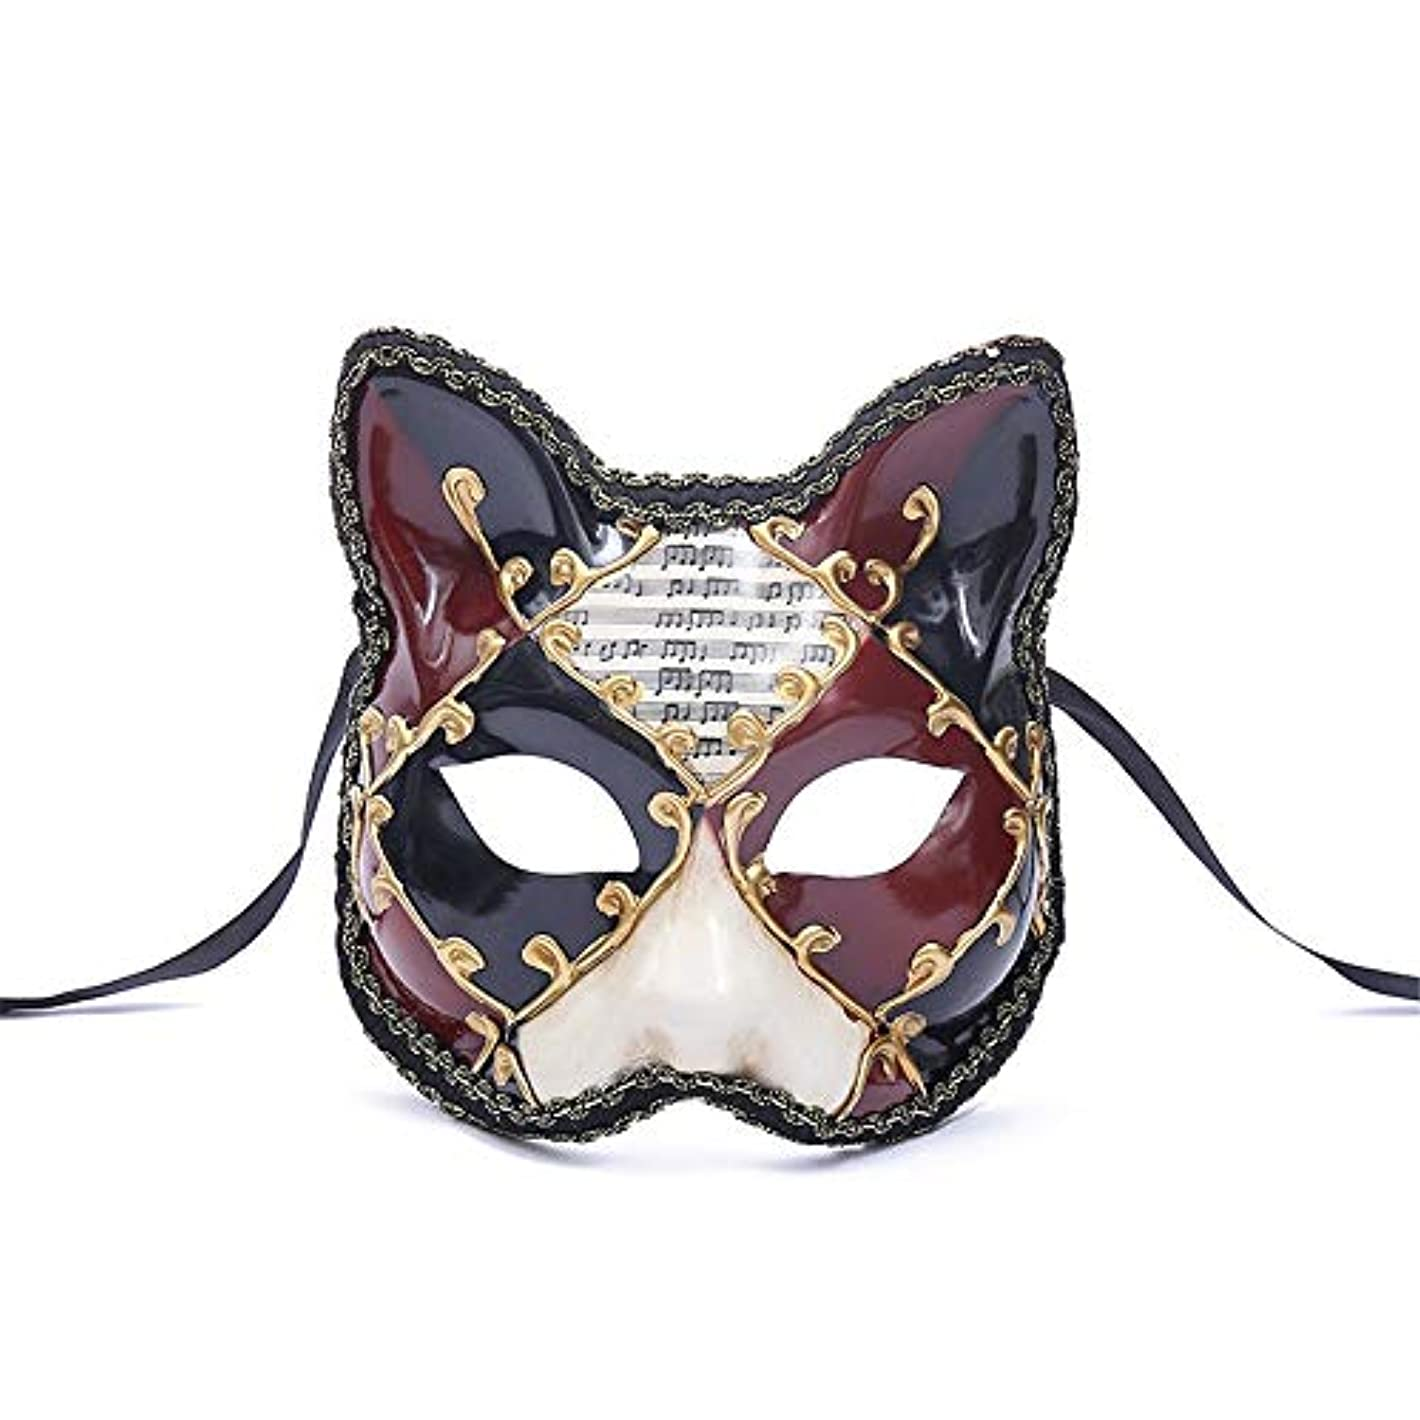 過剰不信アルファベットダンスマスク 大きな猫アンティーク動物レトロコスプレハロウィーン仮装マスクナイトクラブマスク雰囲気フェスティバルマスク ホリデーパーティー用品 (色 : 赤, サイズ : 17.5x16cm)